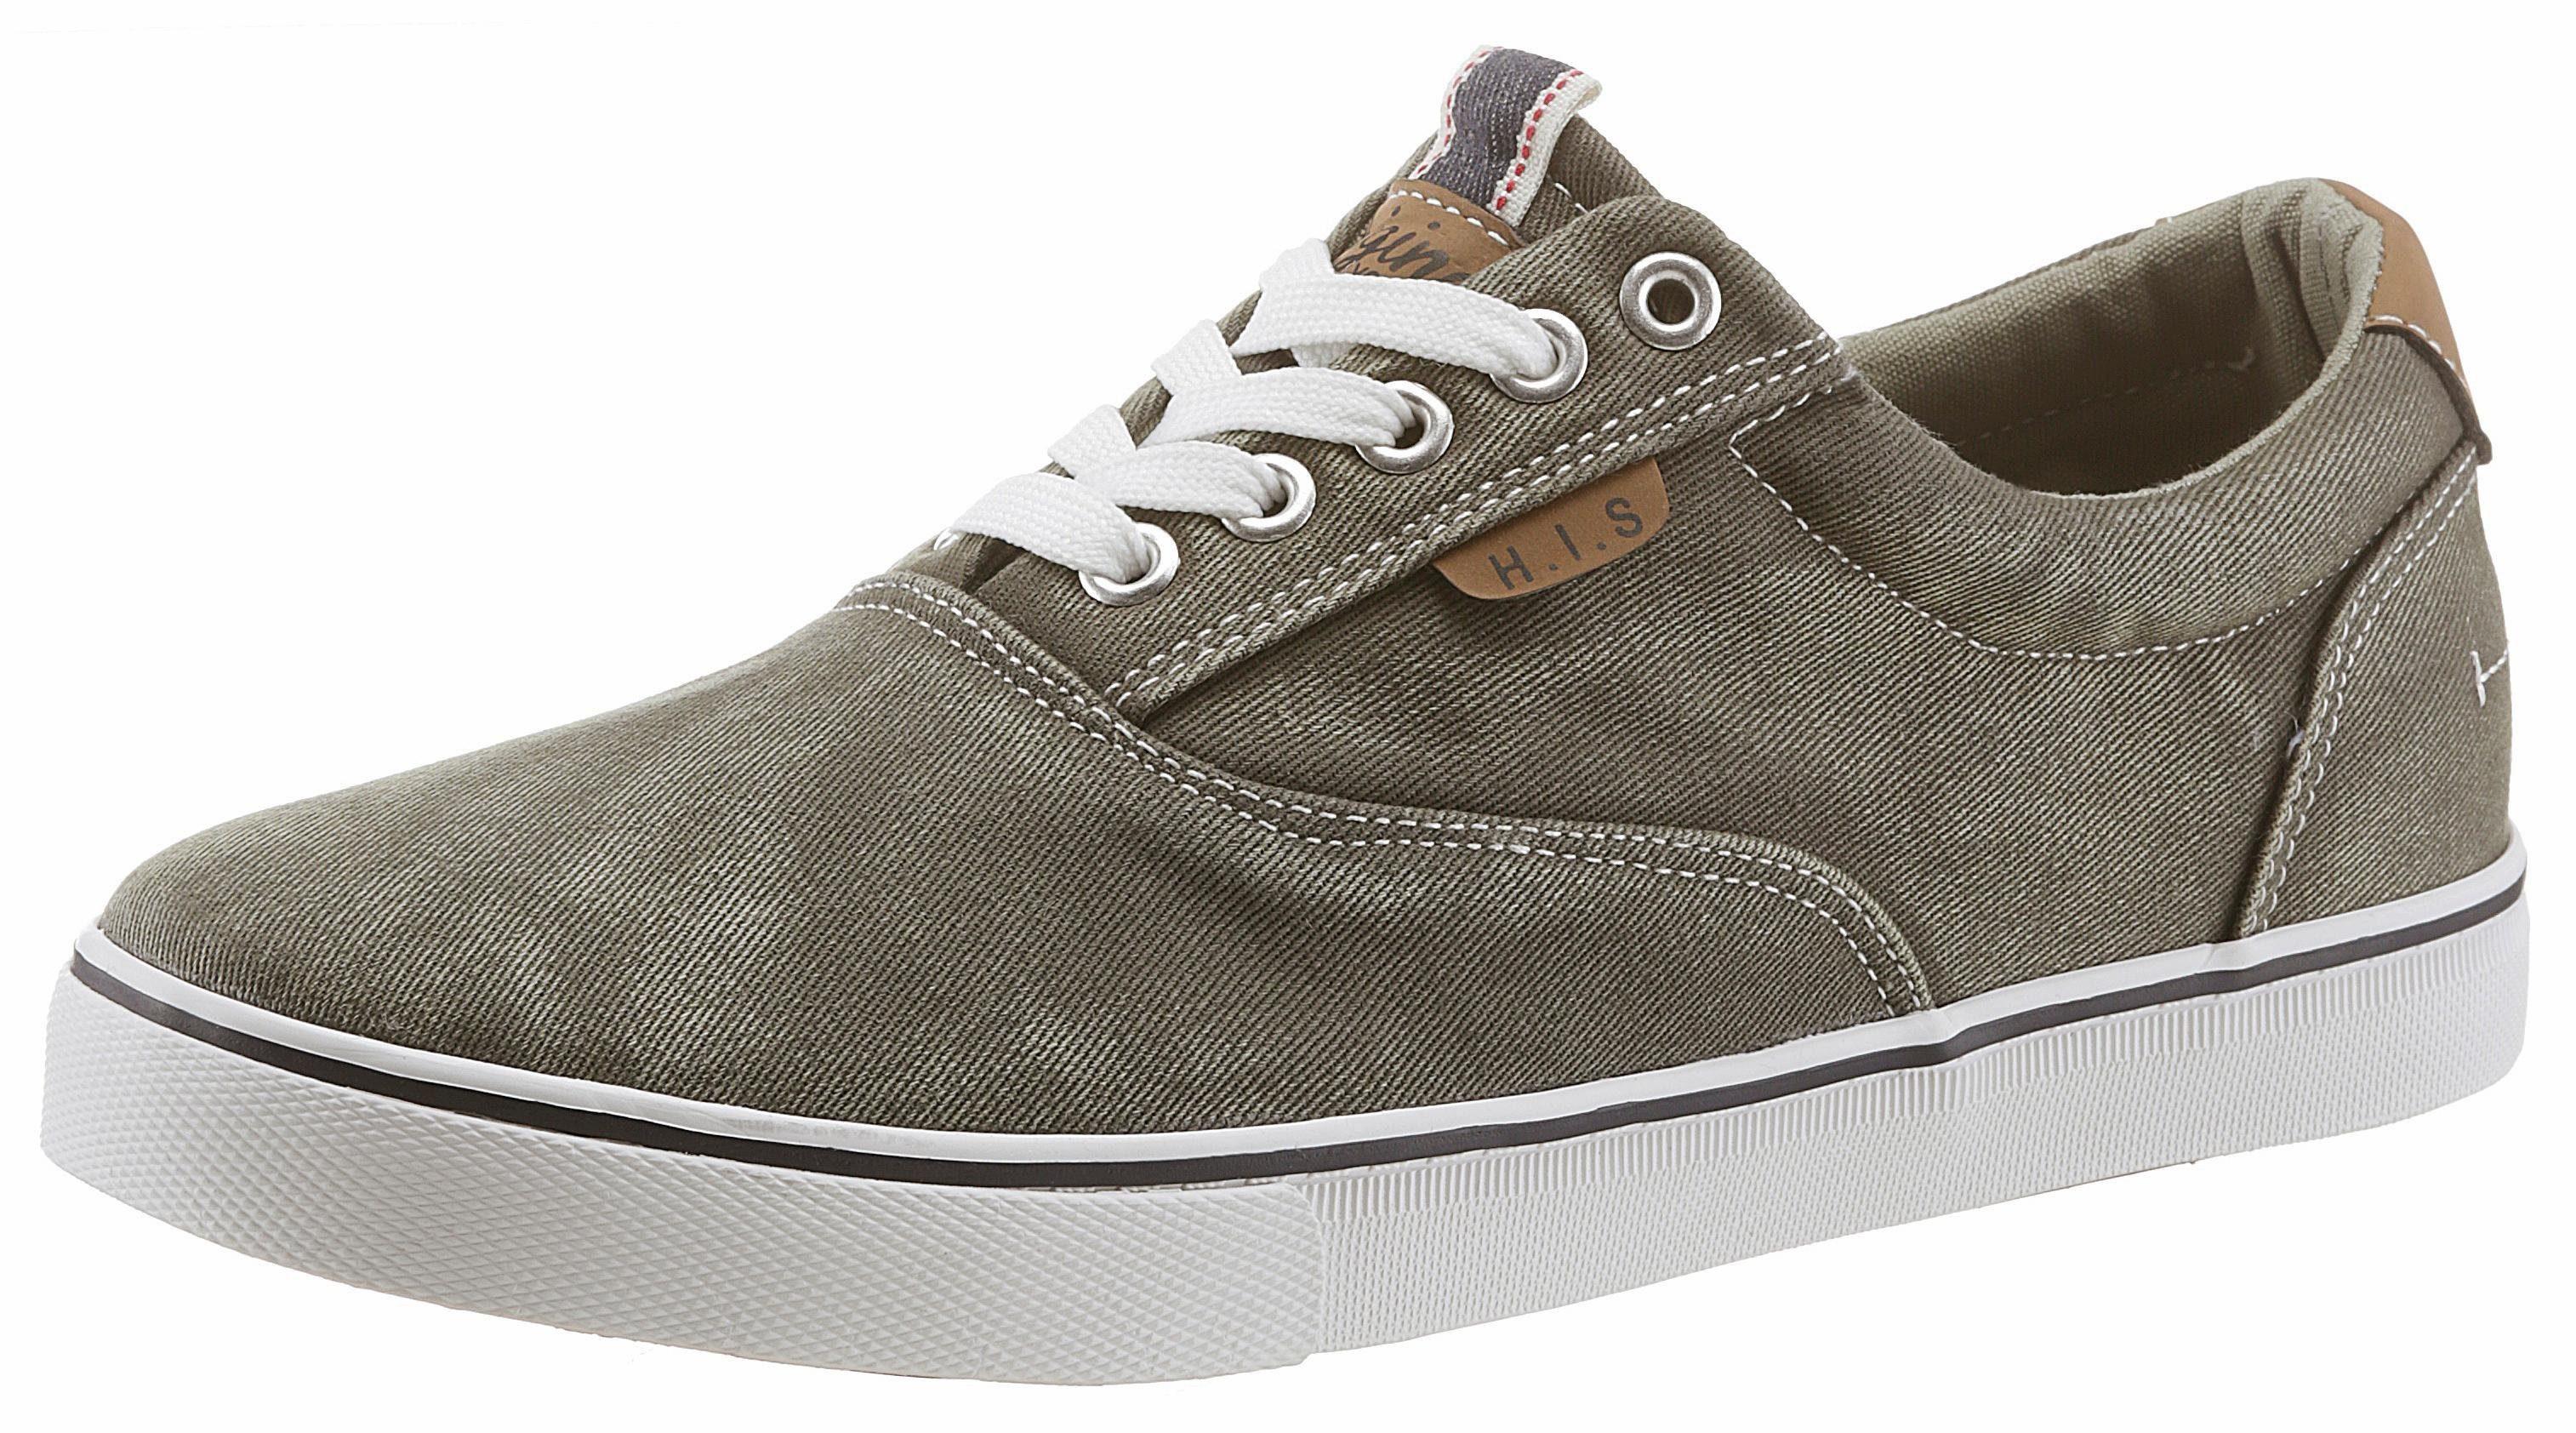 Damen Freizeitschuhe Schuhe luxus Used Optik Sneakers 4862 Rosa Silber 36